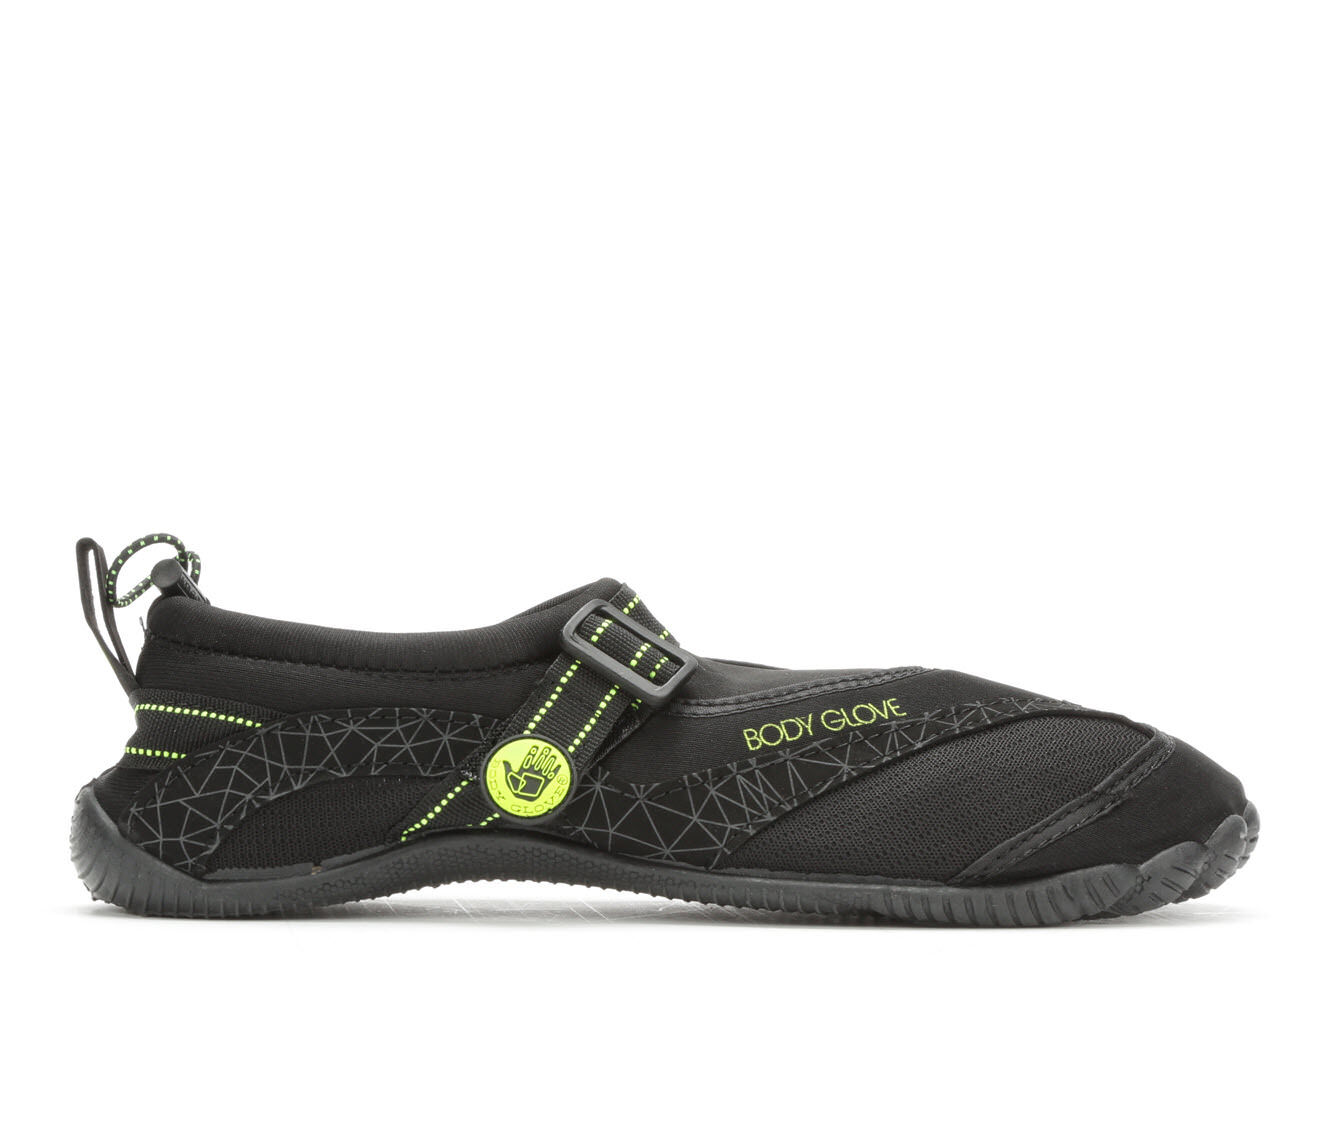 Men's Body Glove Realm-Mens Outdoor Sandals Blk/Neon Yellow